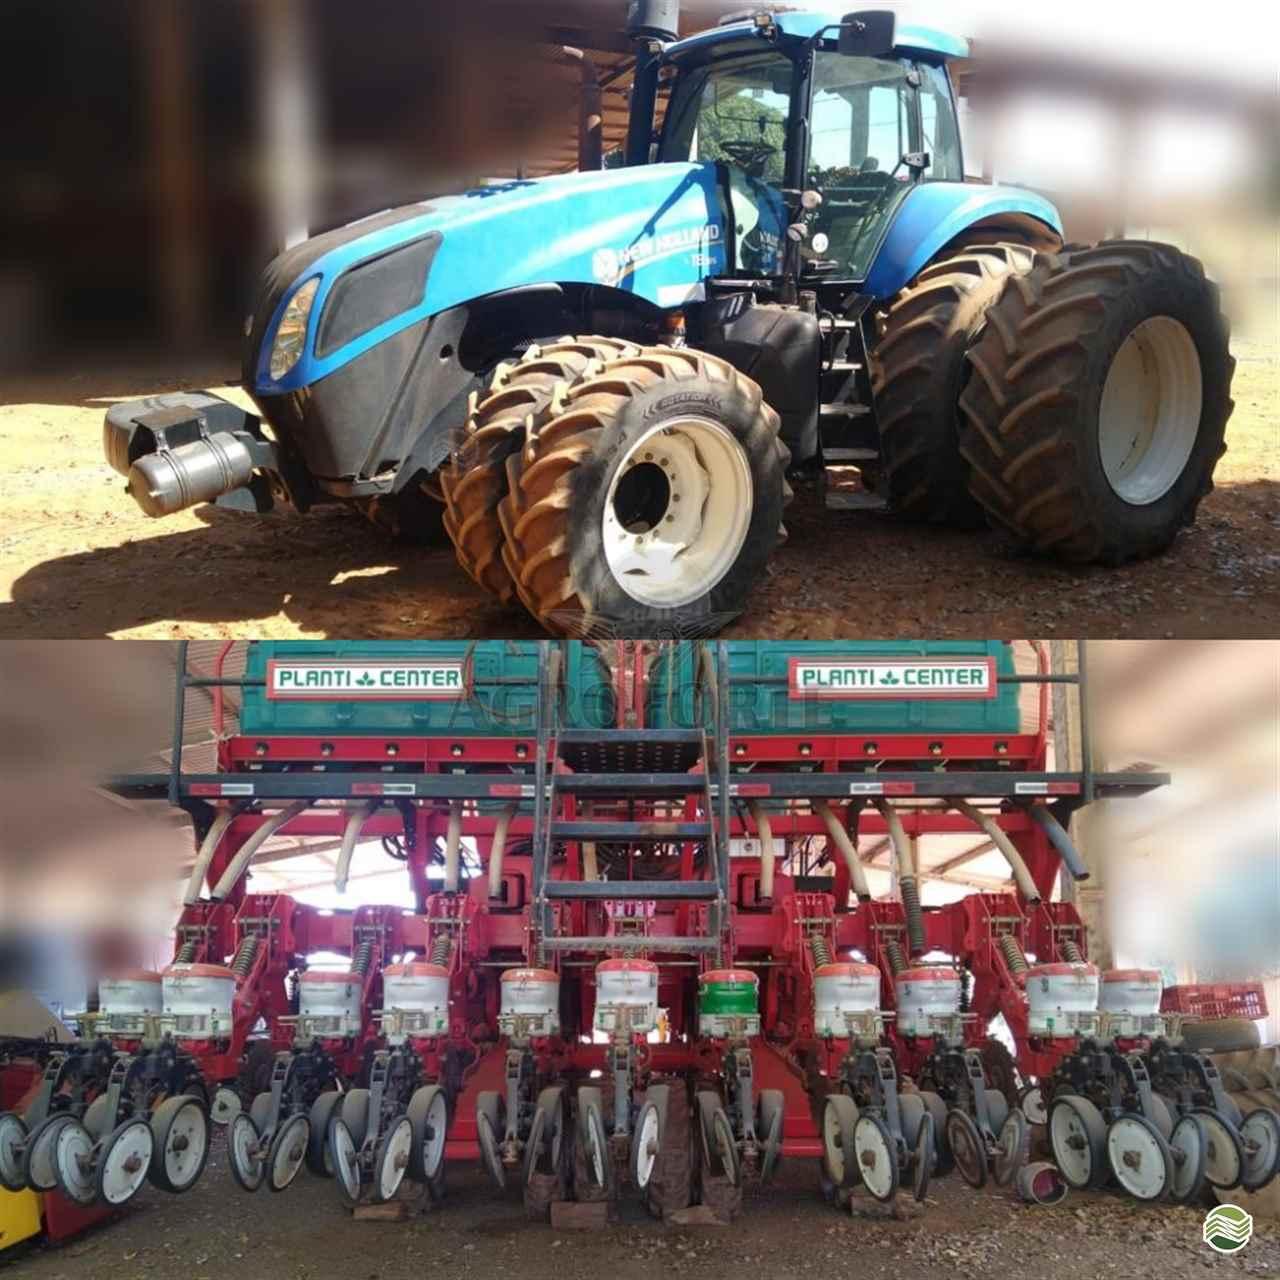 TRATOR NEW HOLLAND NEW T8 385 Tração 4x4 Agroforte Máquinas PRIMAVERA DO LESTE MATO GROSSO MT